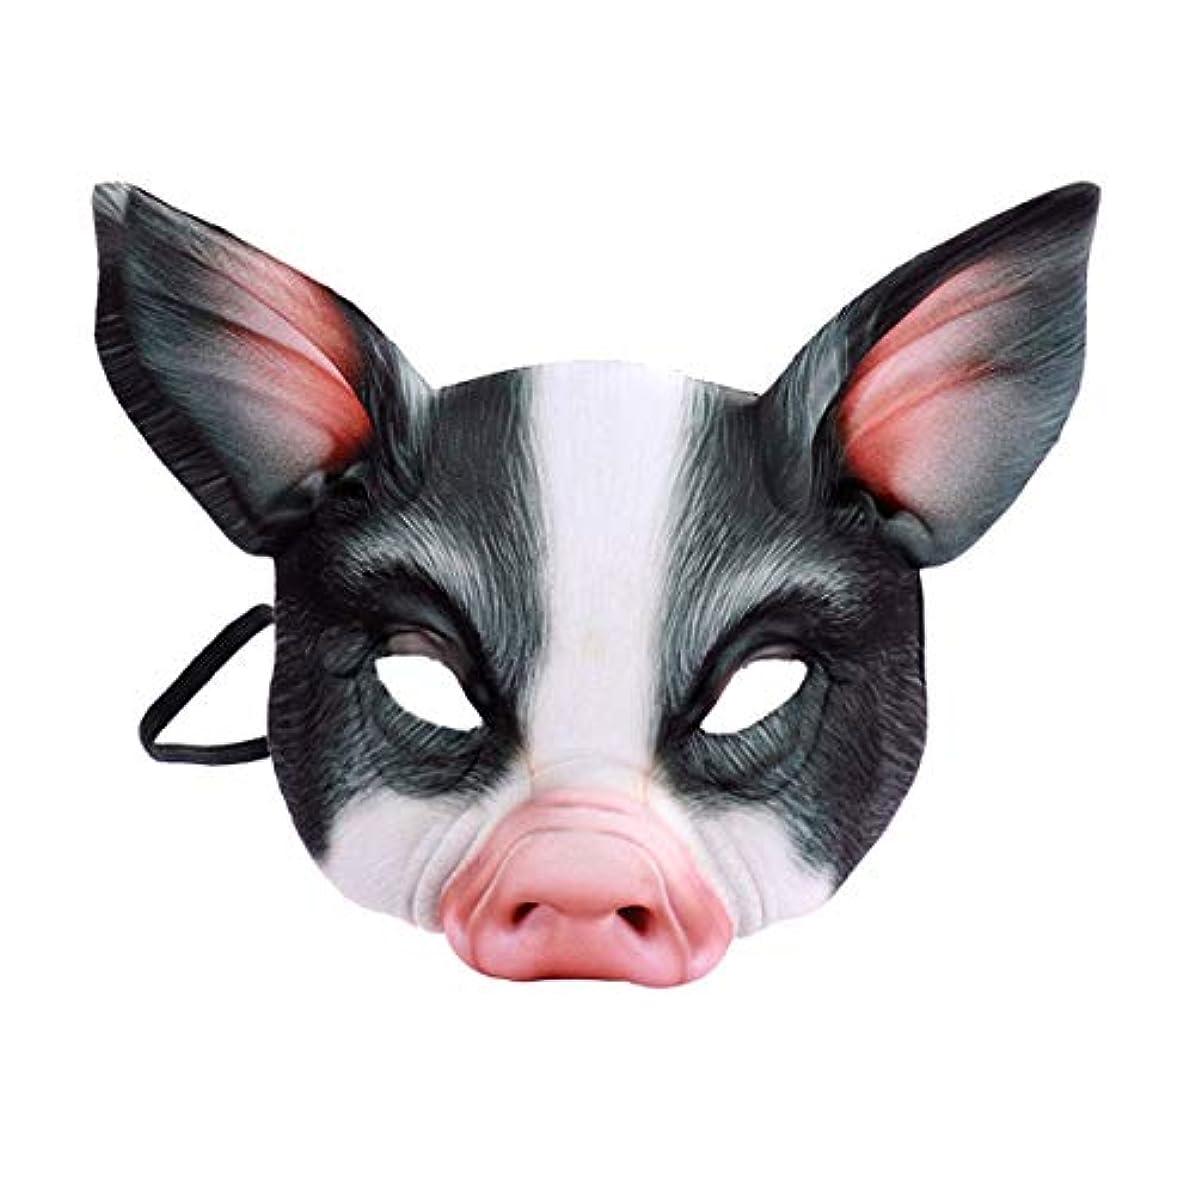 論理支出群集TOYMYTOY 動物マスク パーティーマスク 豚マスク コスプレ小物 仮装マスク 仮装 変装 お面 かぶりもの 仮装イベン アイテム お祭り 宴会 学園祭 ブラック